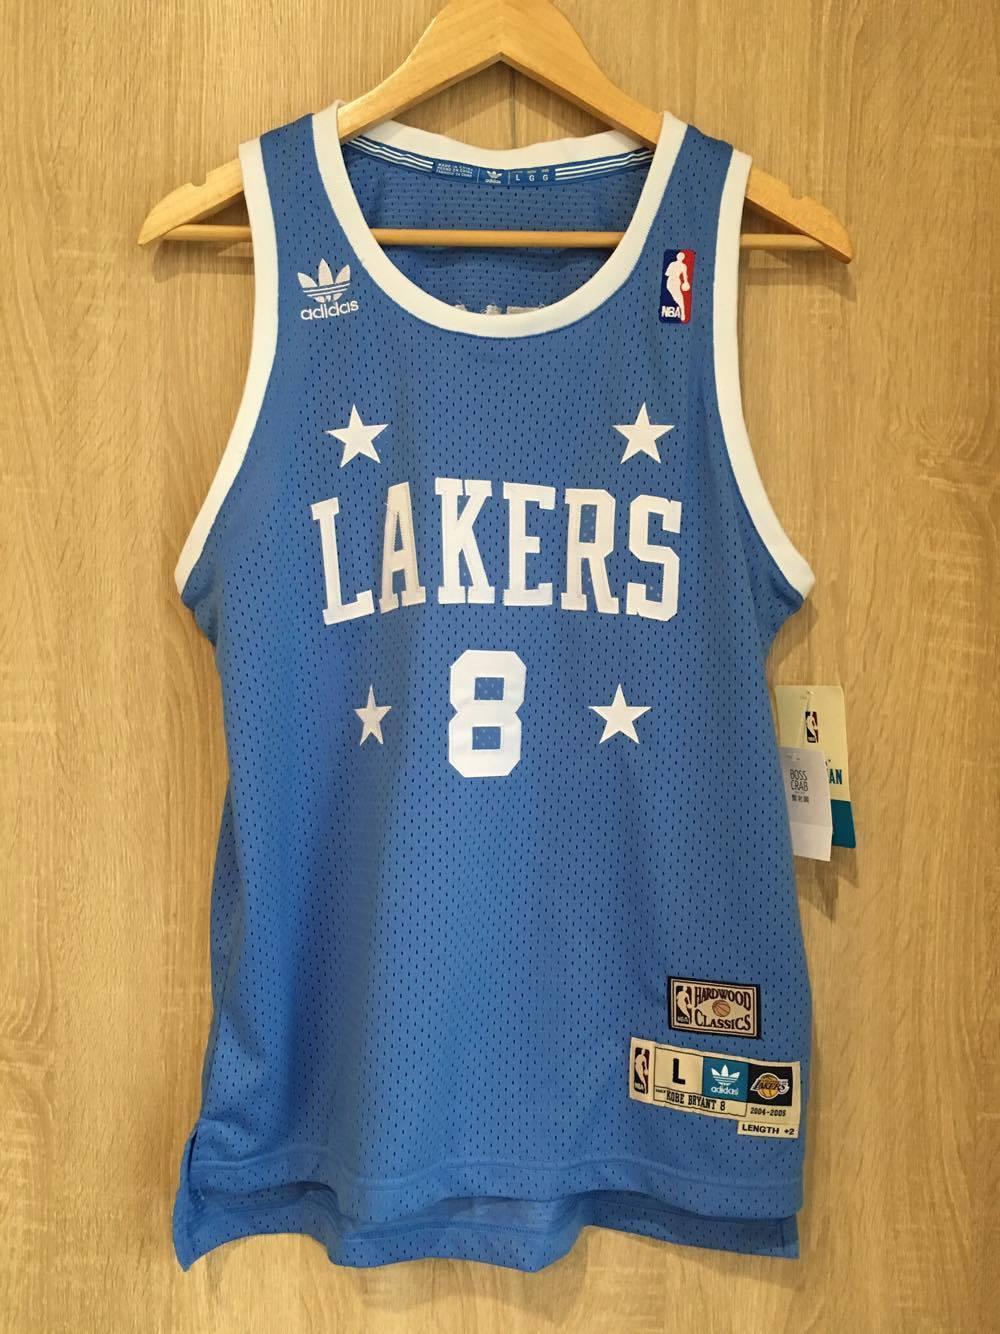 【蟹老闆】Adidas 青年版 球衣 四星藍 洛杉磯湖人Lakers 8 Kobe Bryant 黑曼巴 小飛俠 傳奇球星 NBA總冠軍MVP NBA年度MVP NBA明星賽MVP NBA得分王 男女可穿